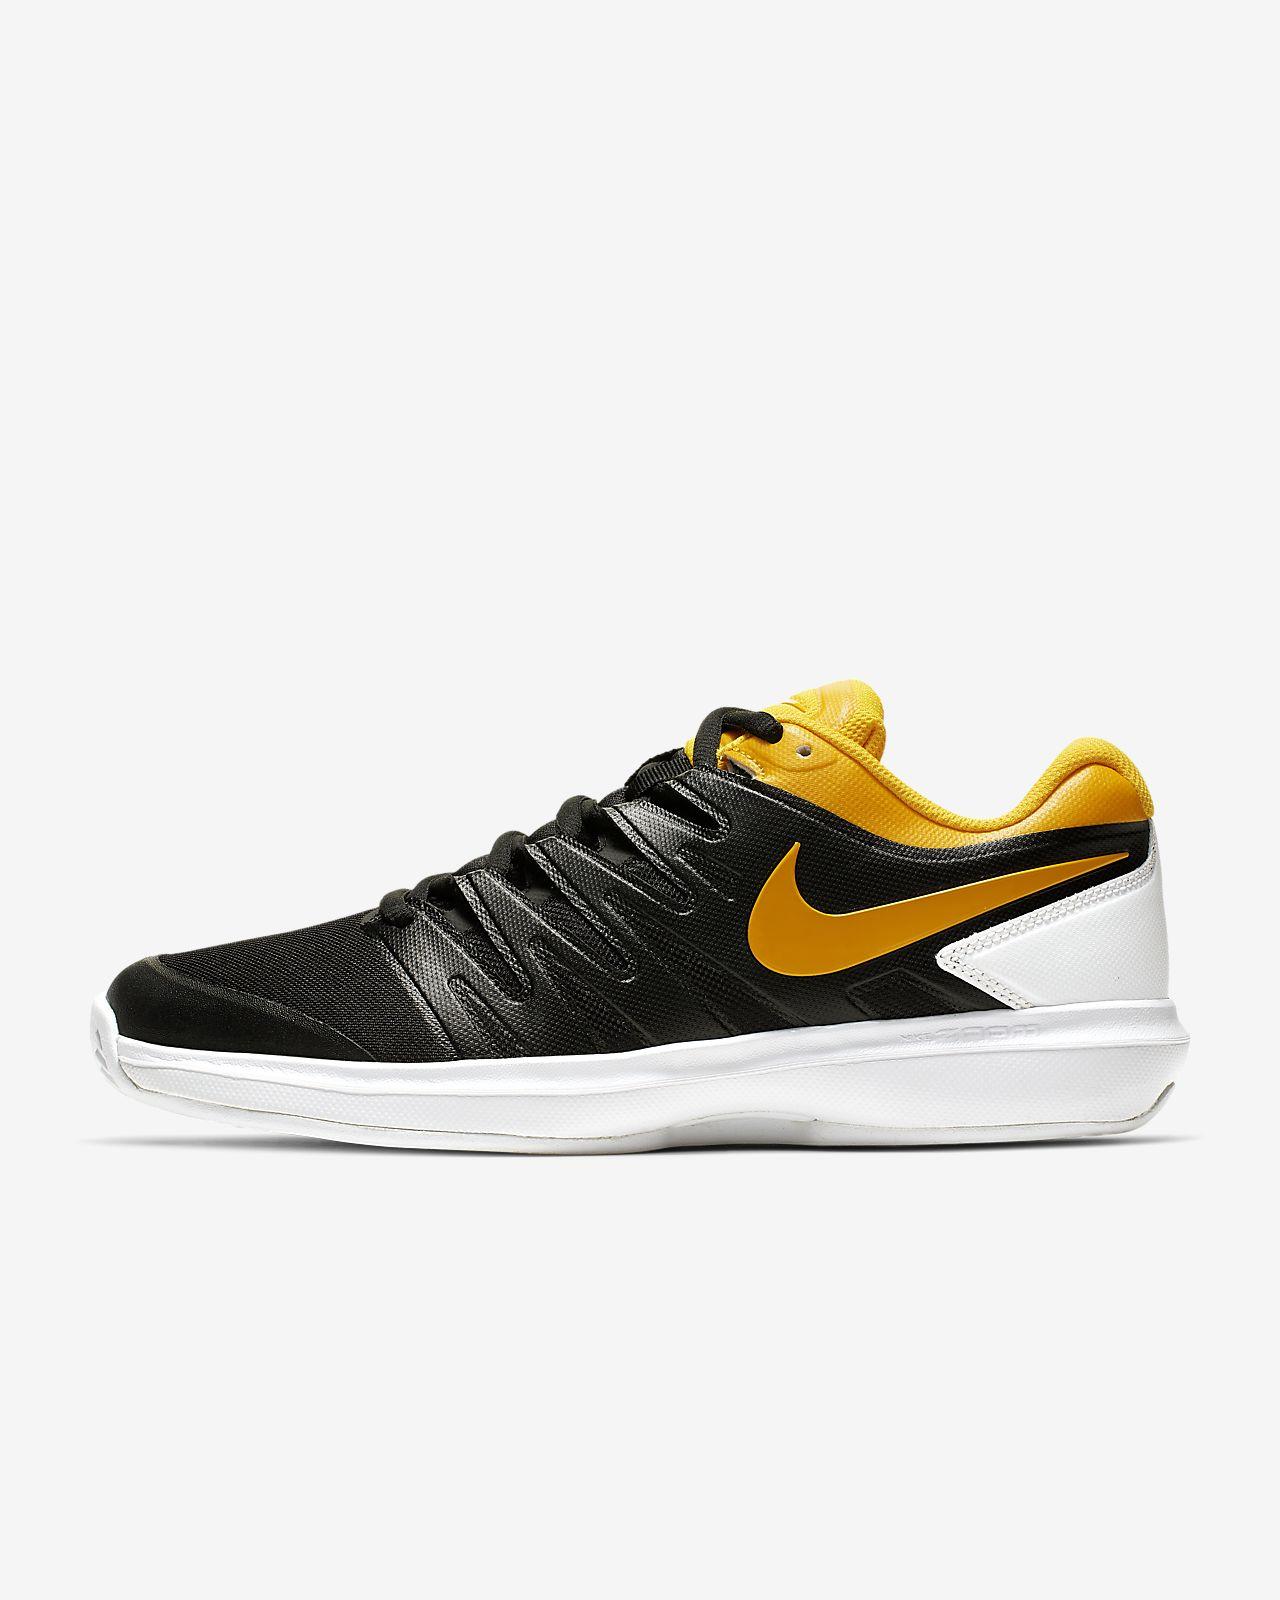 Ανδρικό παπούτσι τένις για χωμάτινα γήπεδα NikeCourt Air Zoom Prestige